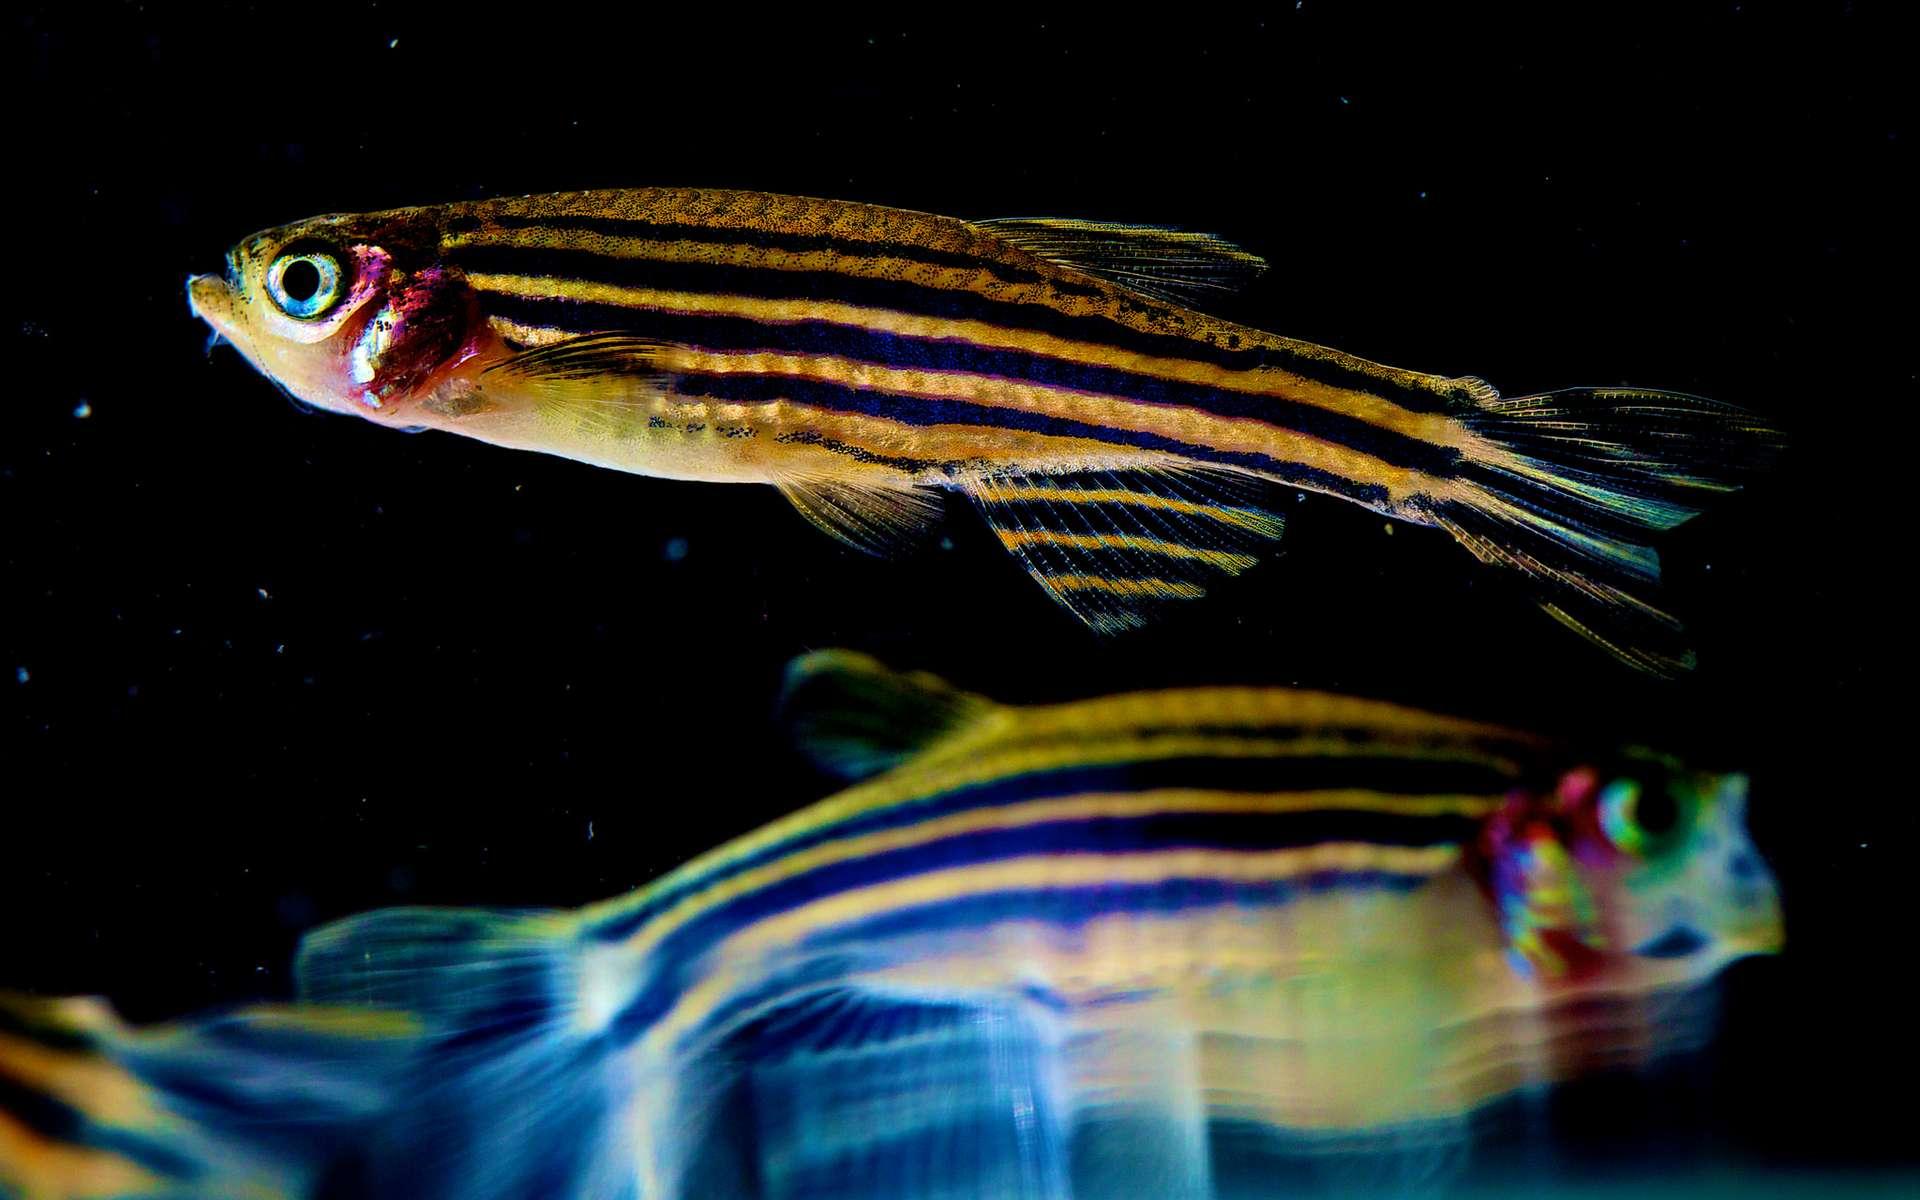 Le poisson-zèbre devient soudainement liquide lors de son développement embryonnaire. © NICHD NIH / Foter.com